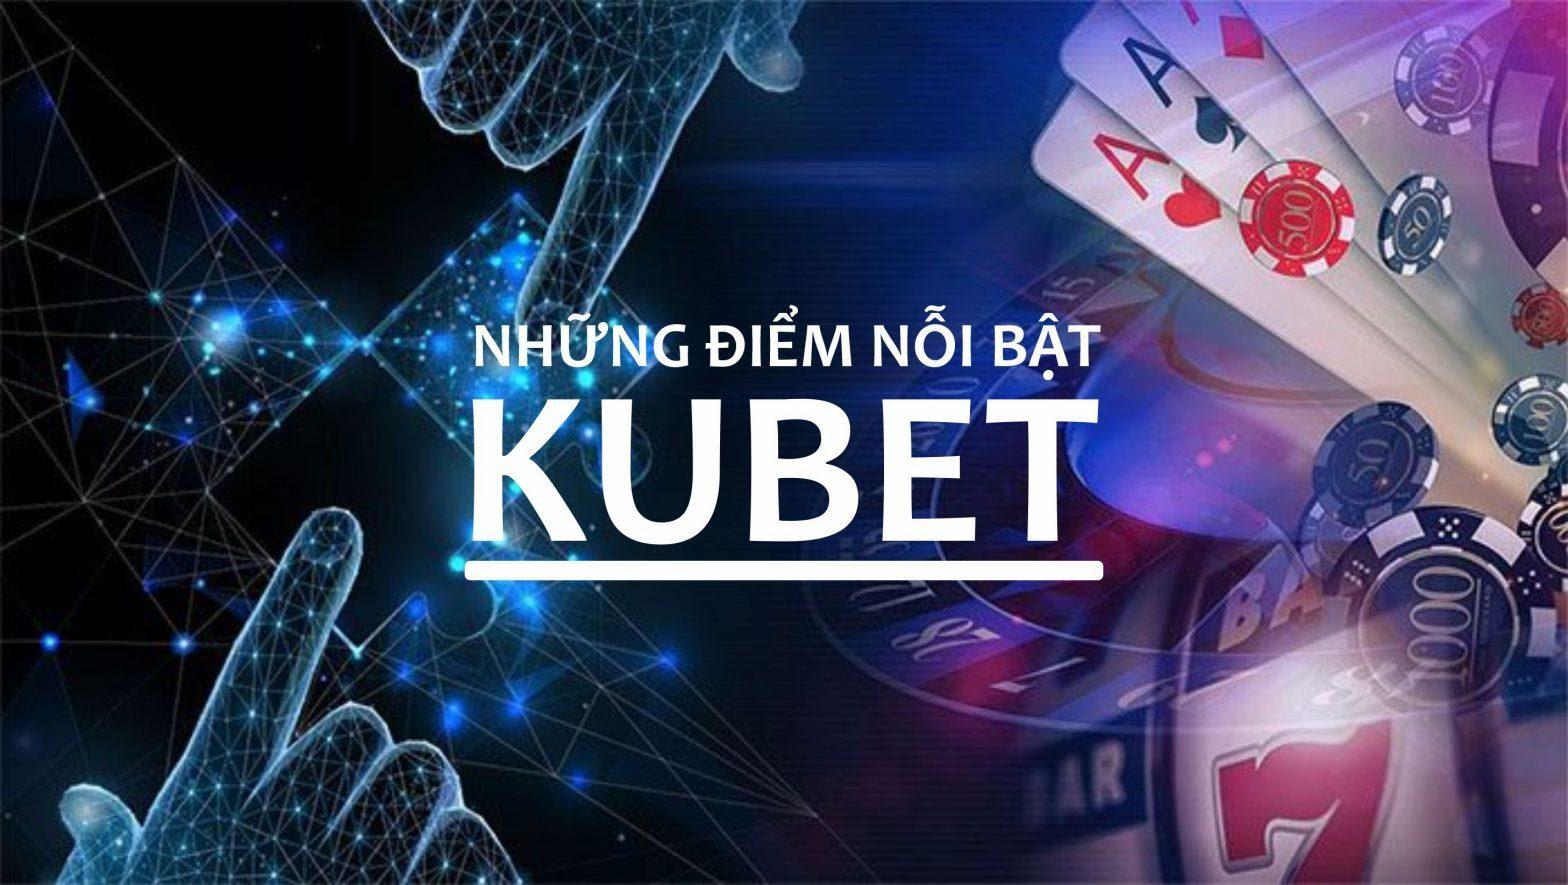 Kubet - Những Ưu Điểm Tạo Nên Sức Hút - First 4 Skill